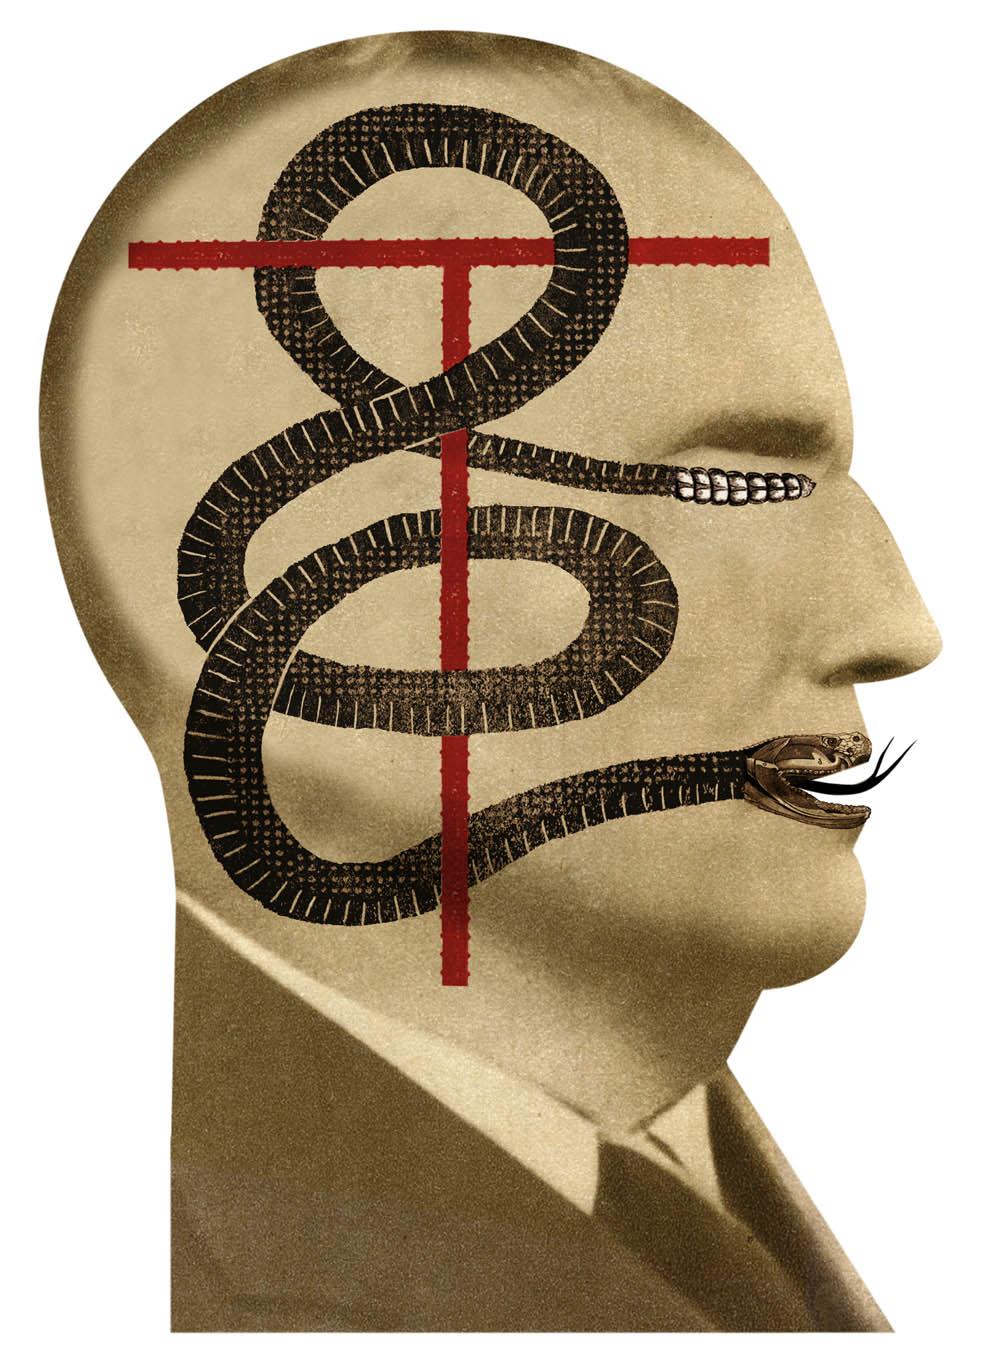 David Plunkert Piping Diagram Symbols Union Santa Clara Magazine